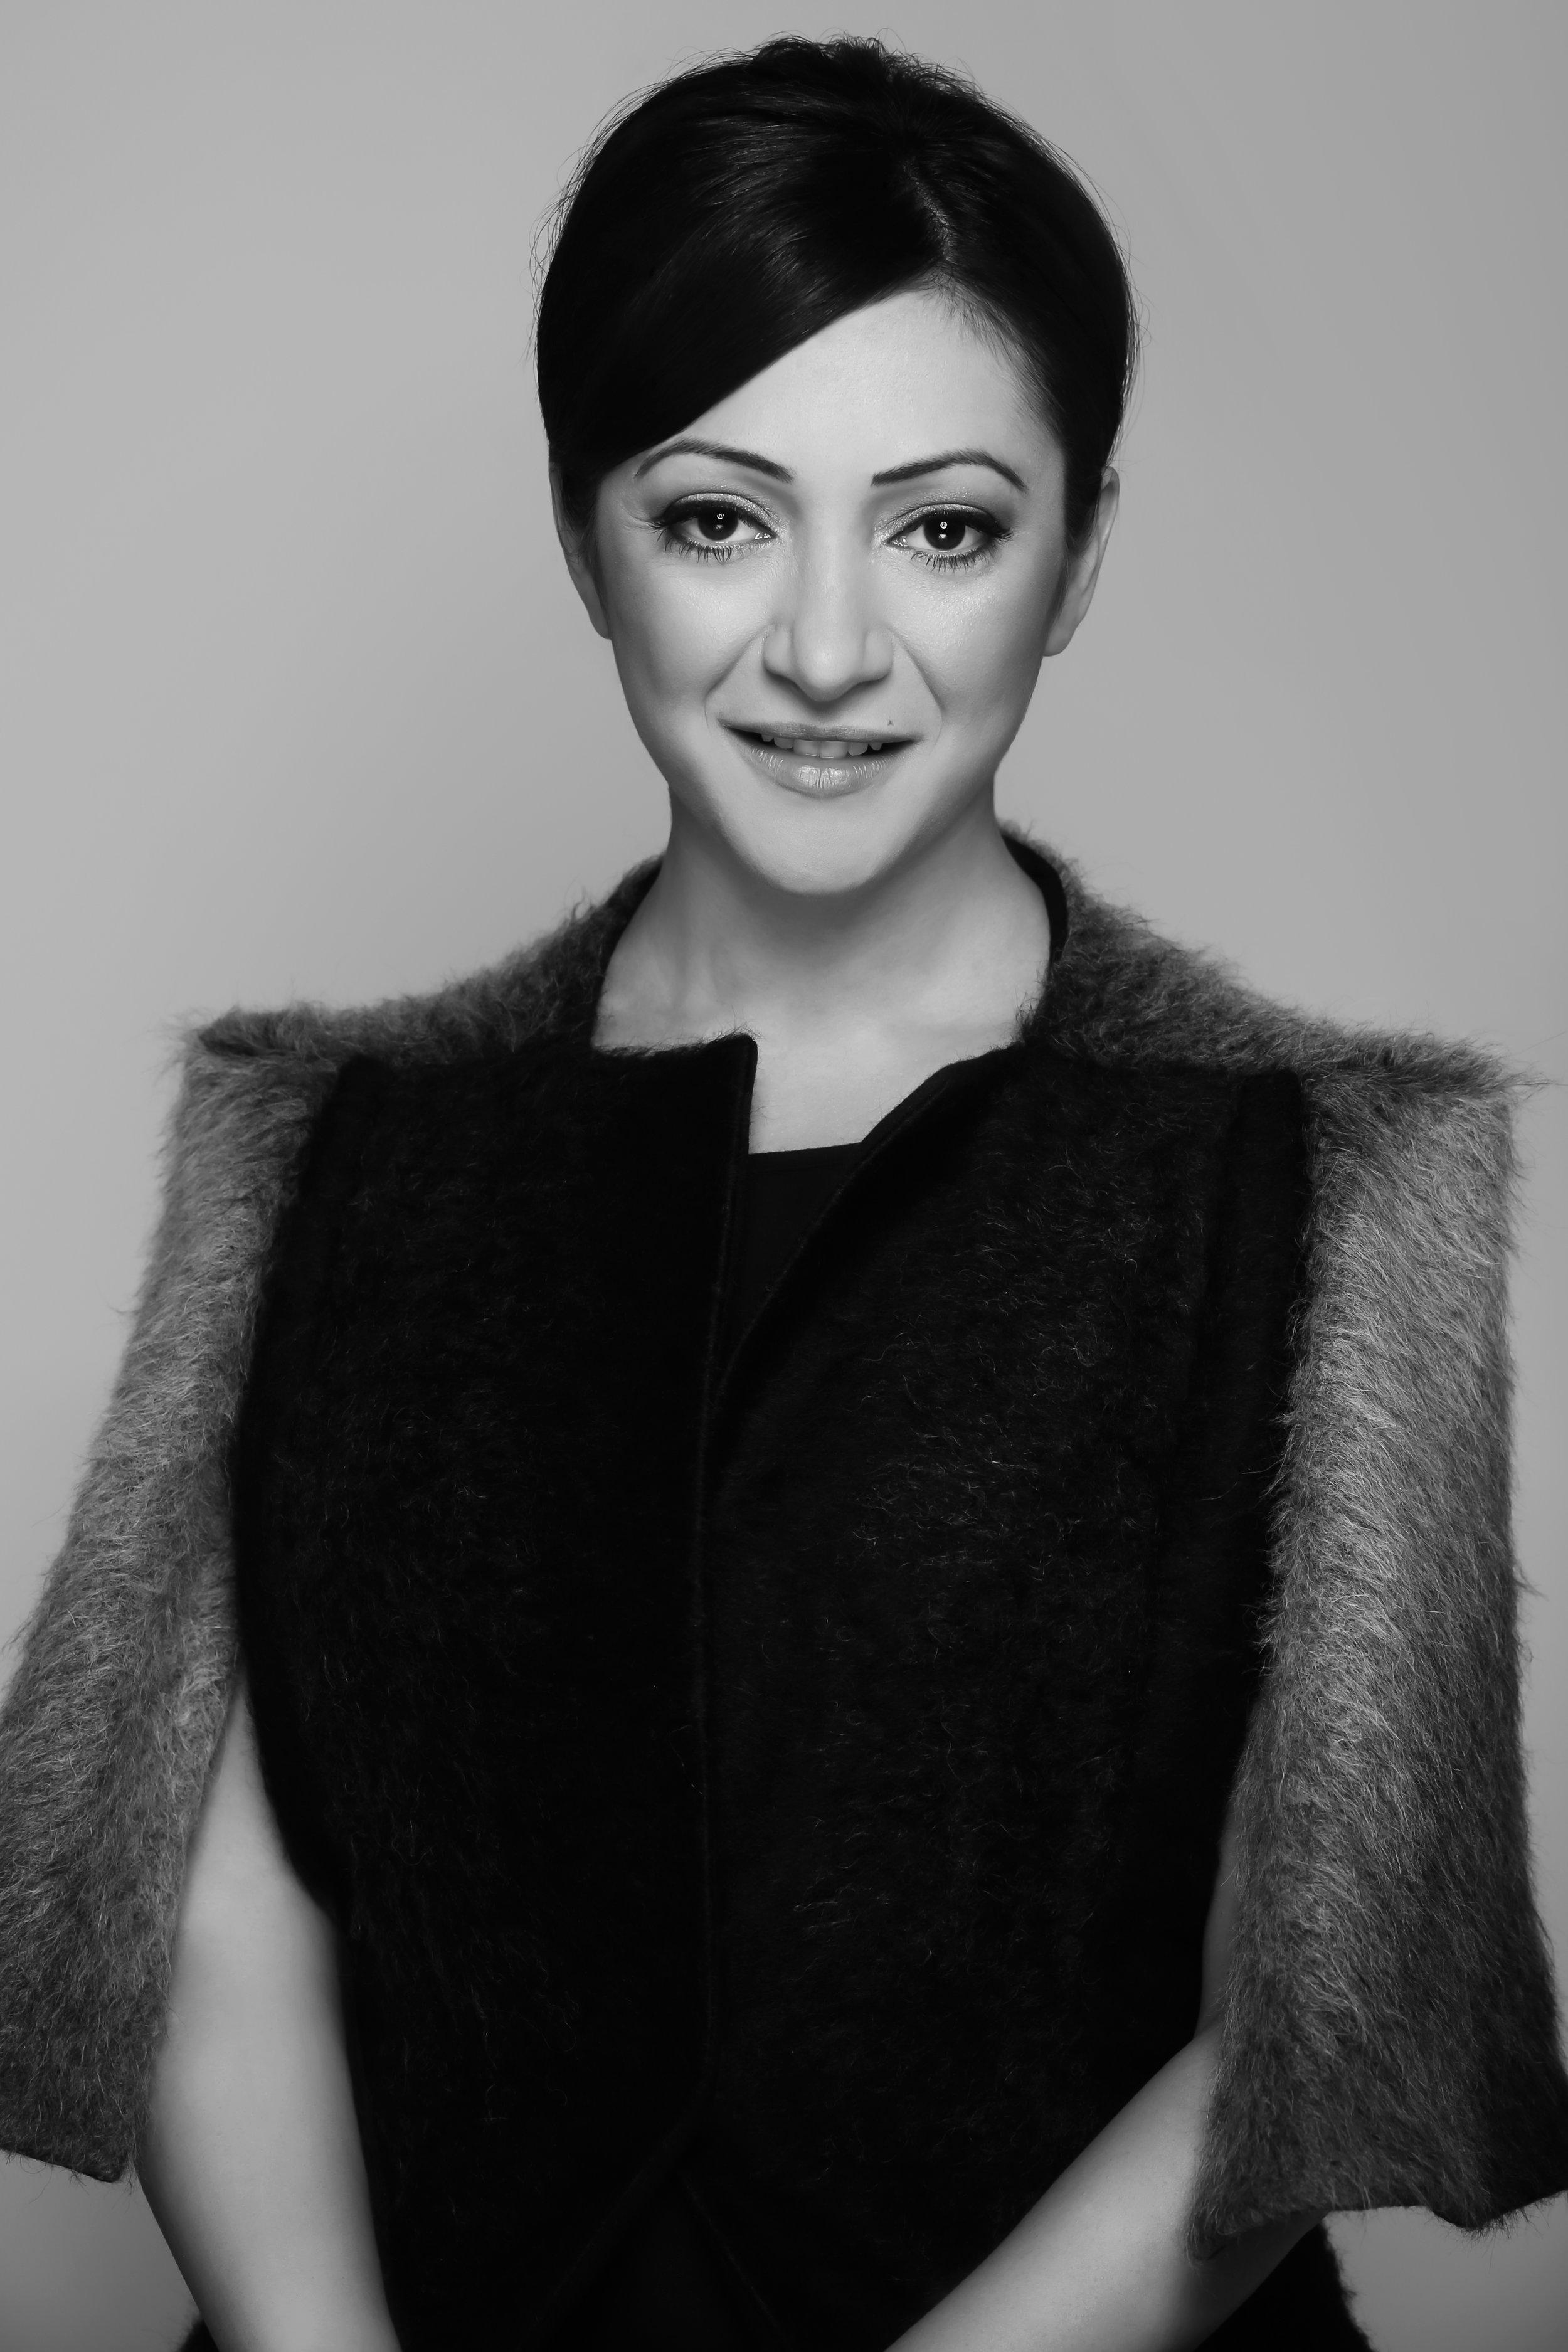 Wendy El-Khoury